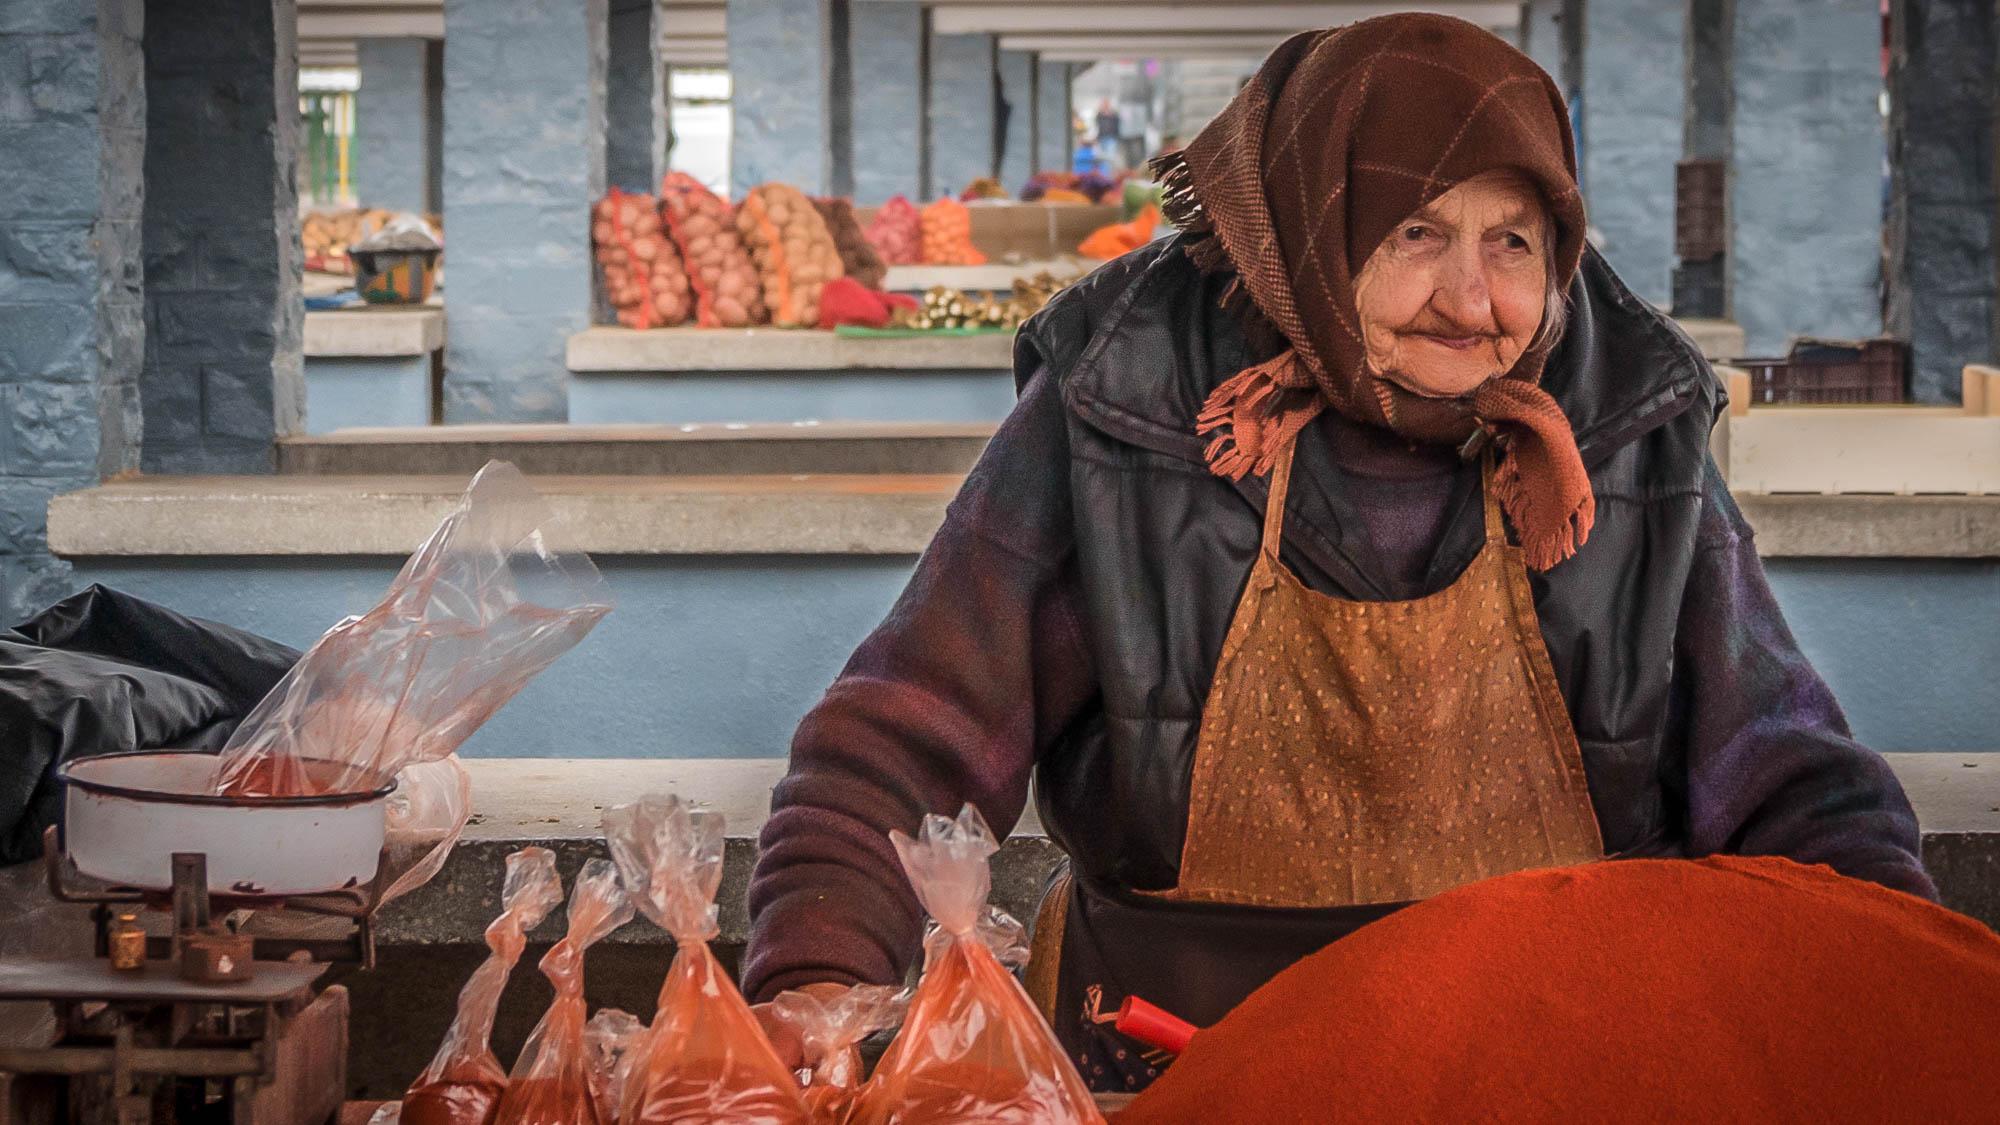 A local market in Romania